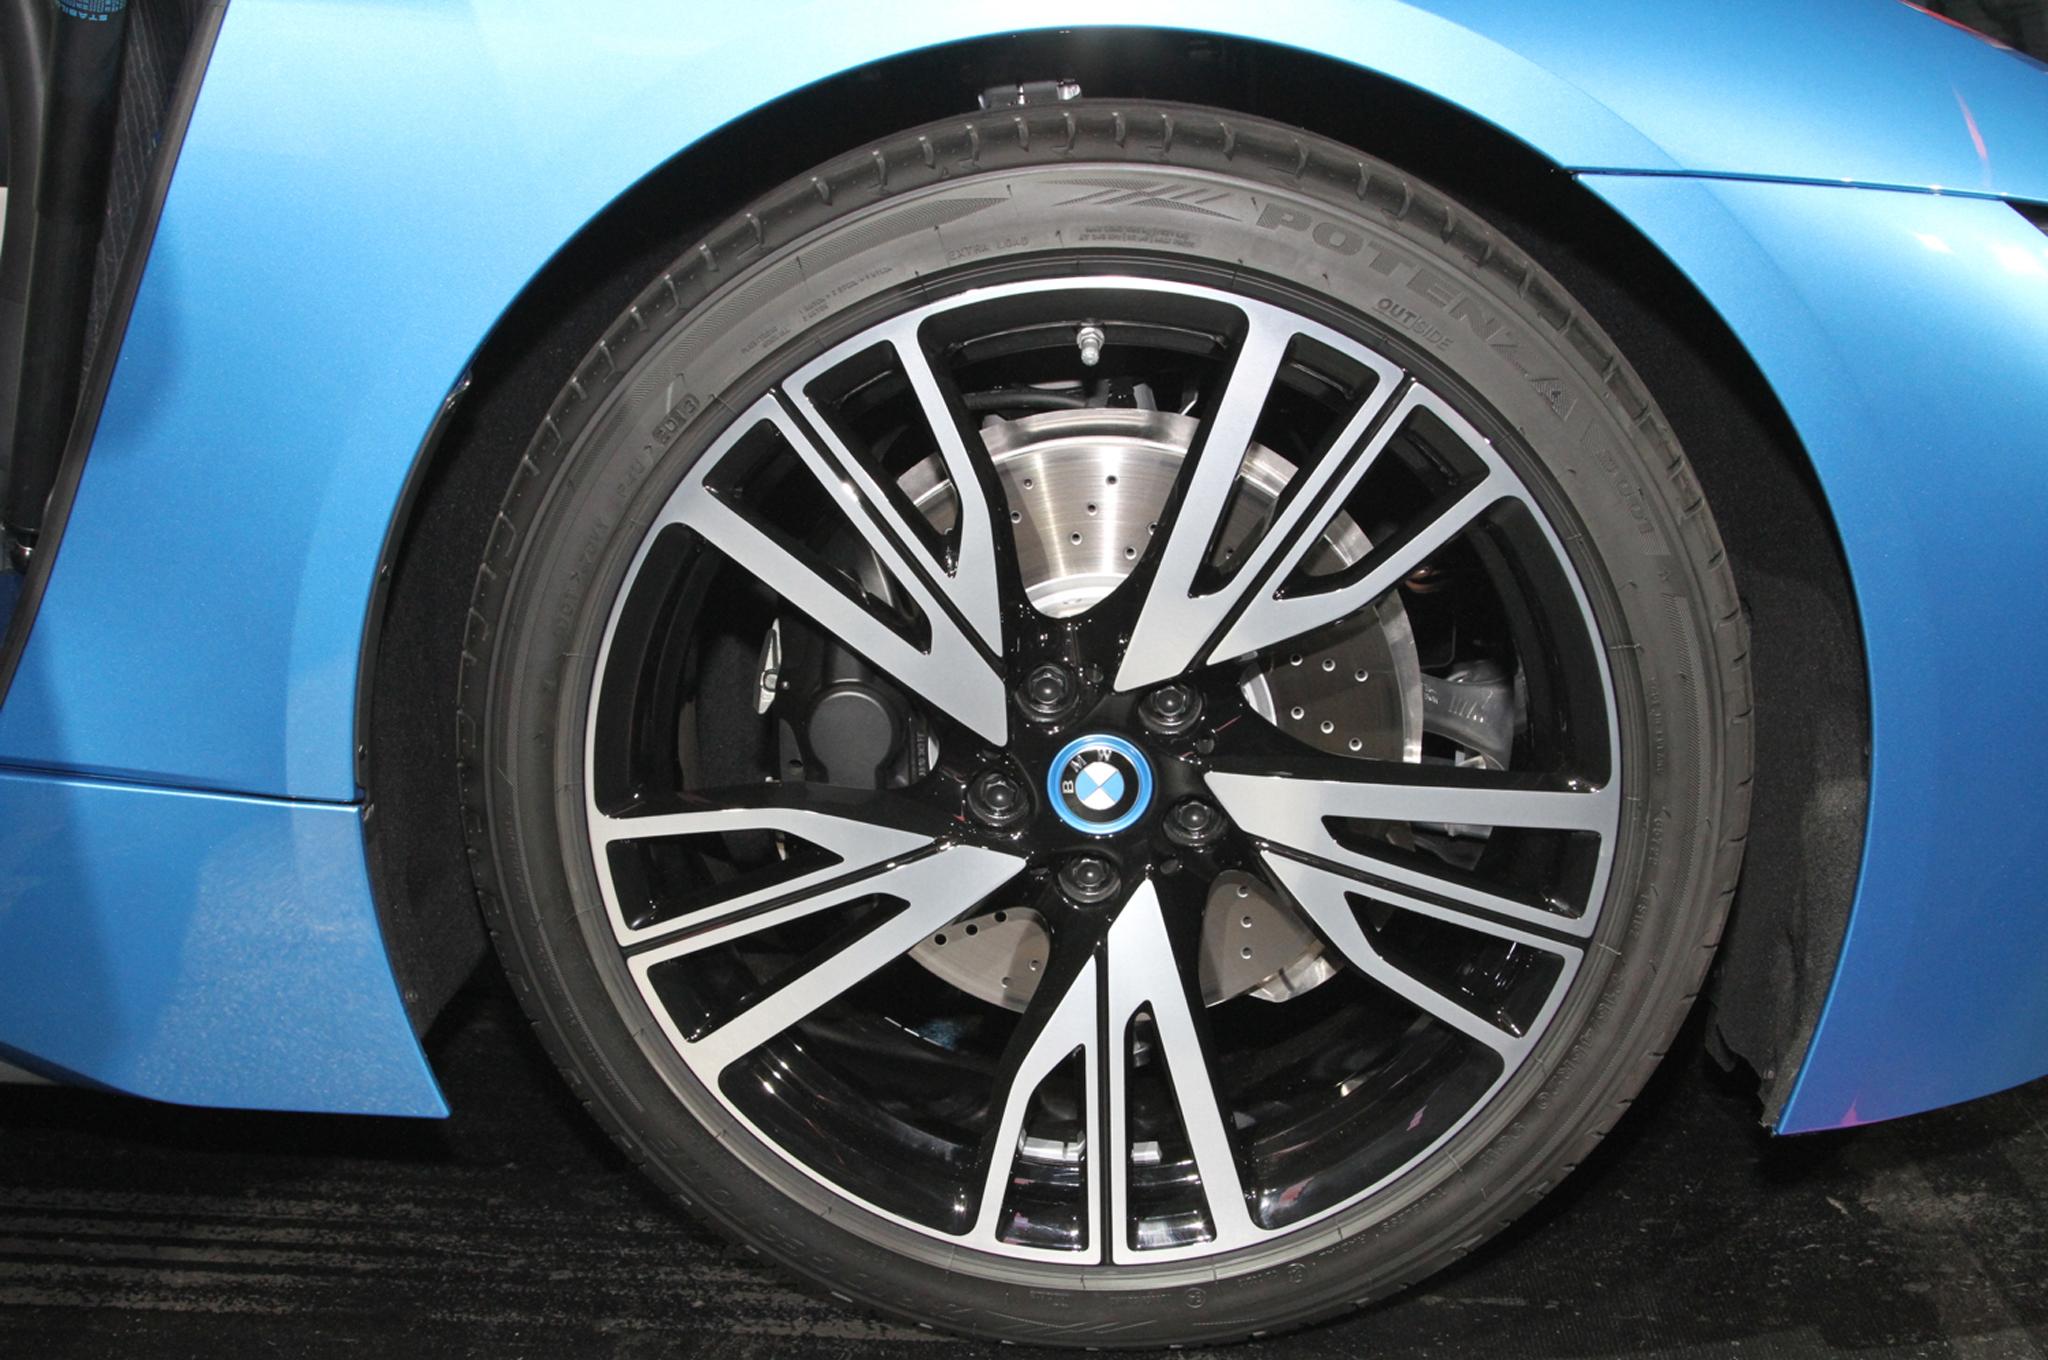 2014 BMW i8 plug in hybrid wheels